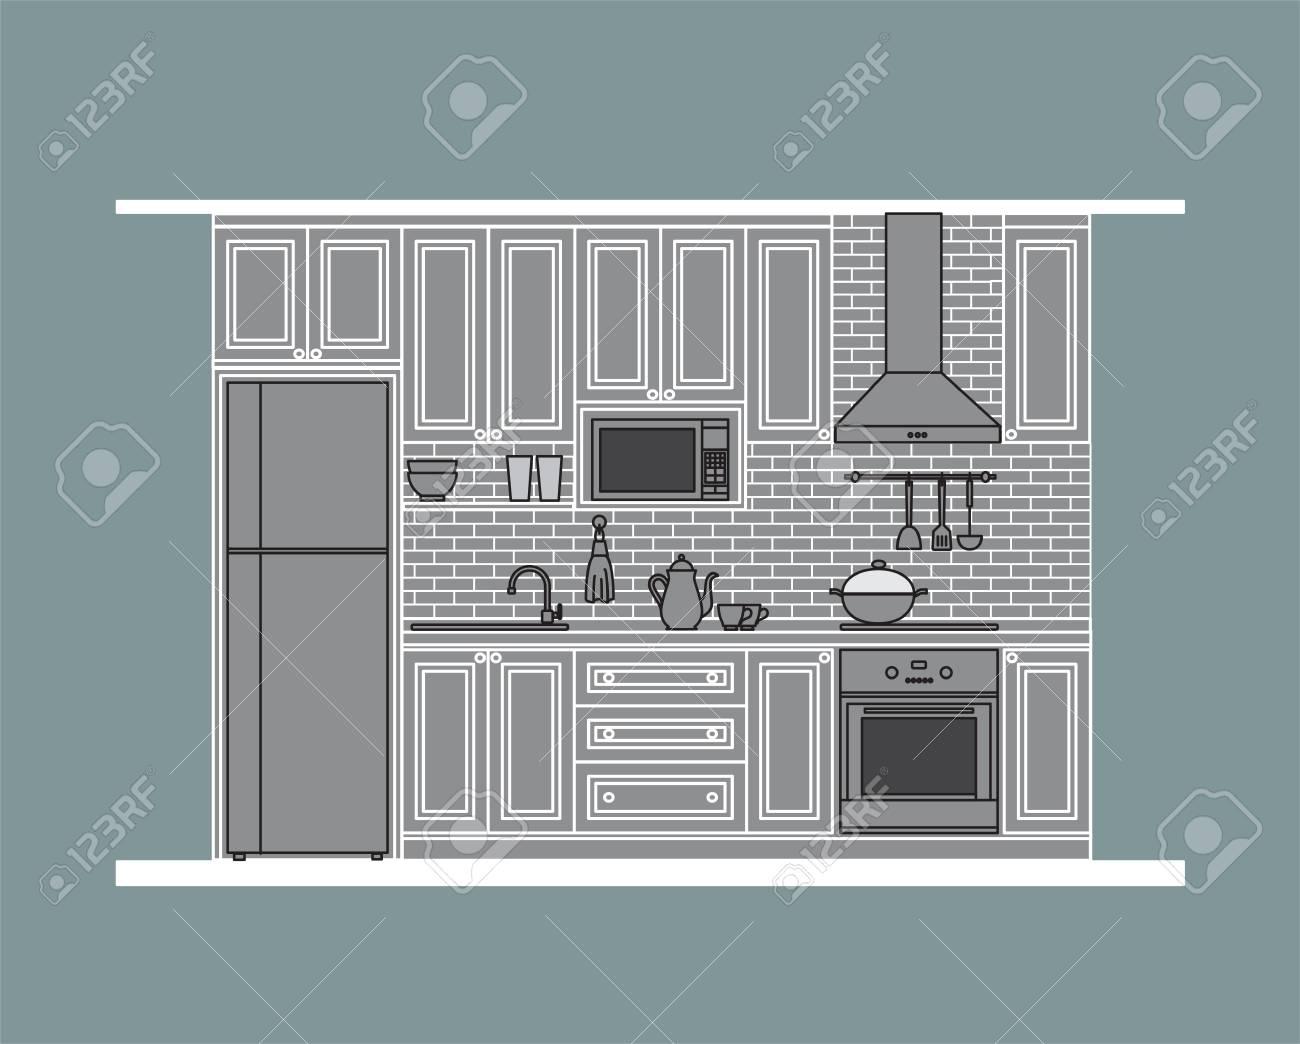 Ausgezeichnet Küchendesign Google Sketchup Fotos - Küchenschrank ...